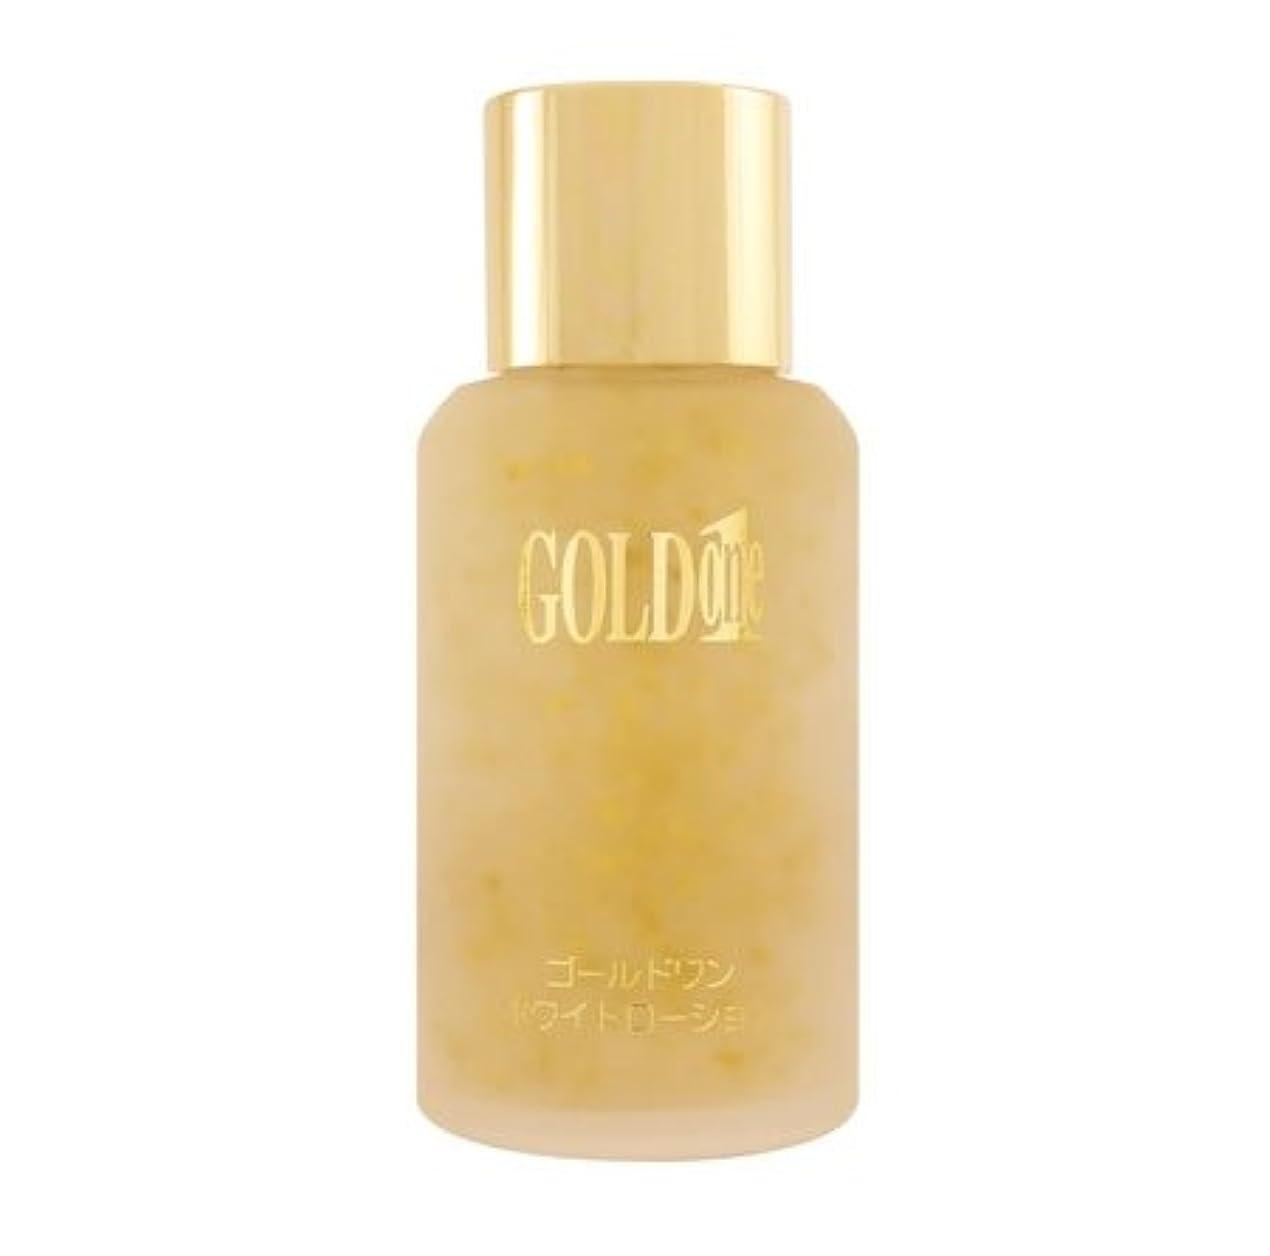 ゴールドコスメ ホワイト ローション 化粧水 80ml